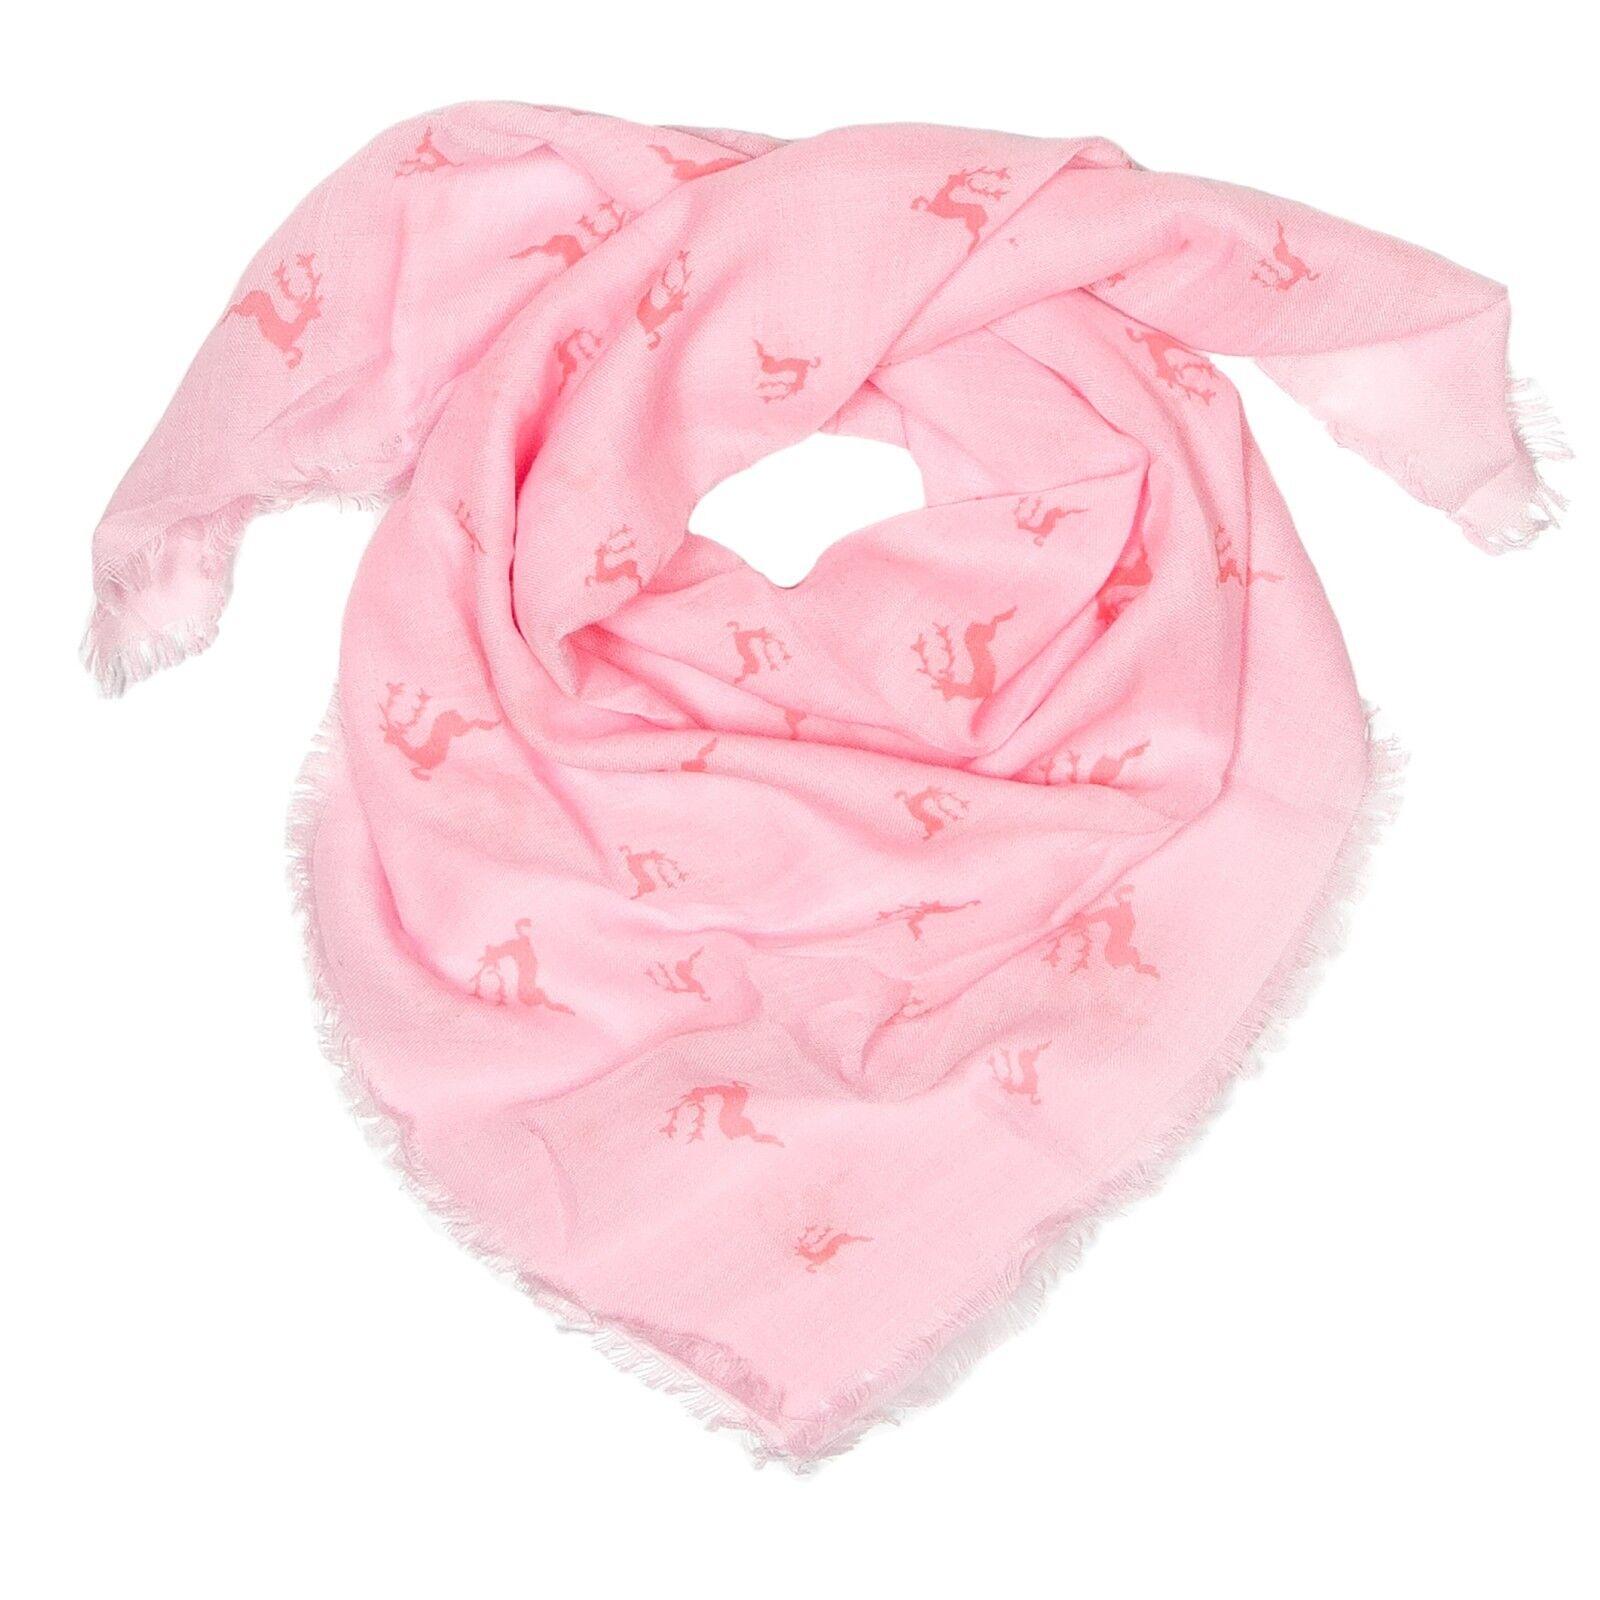 Trachten Schal, Halstuch für Damen und Herren, Nici mit Rehen, Farbauswahl